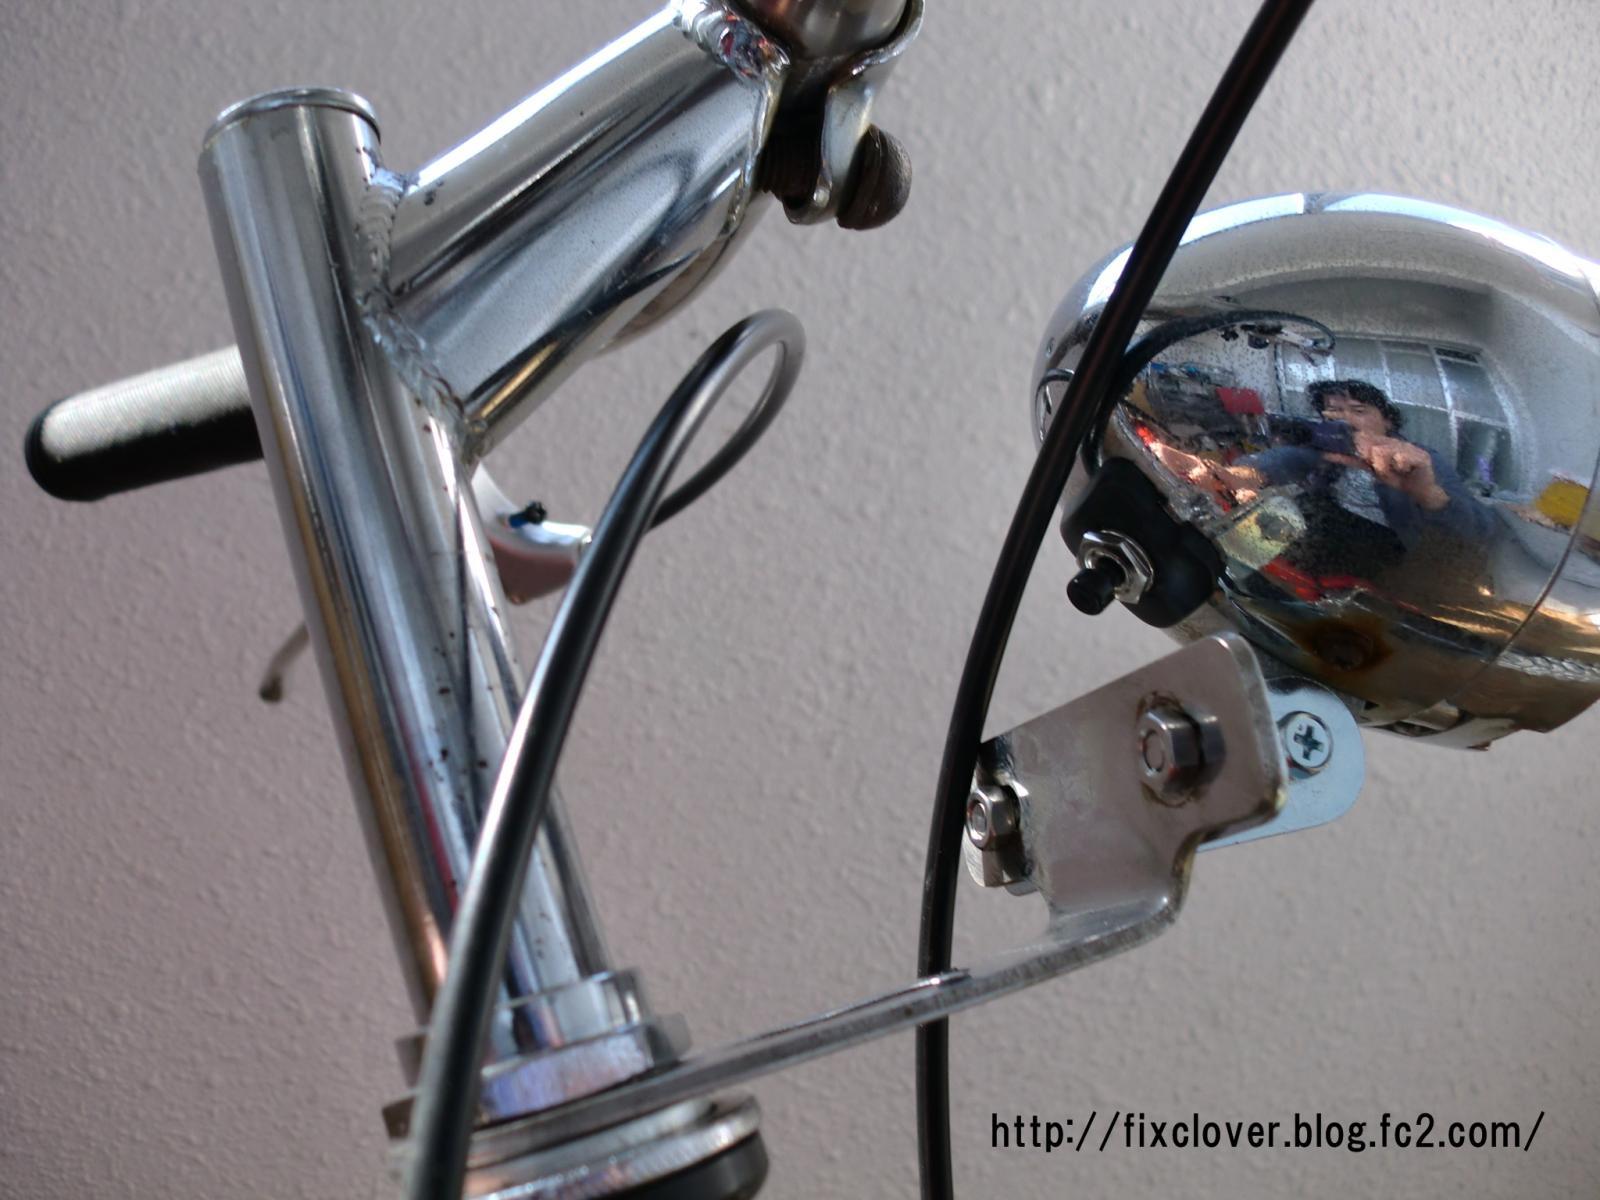 自転車の 自転車 ライト 修理 : 自転車の出張修理クローバー